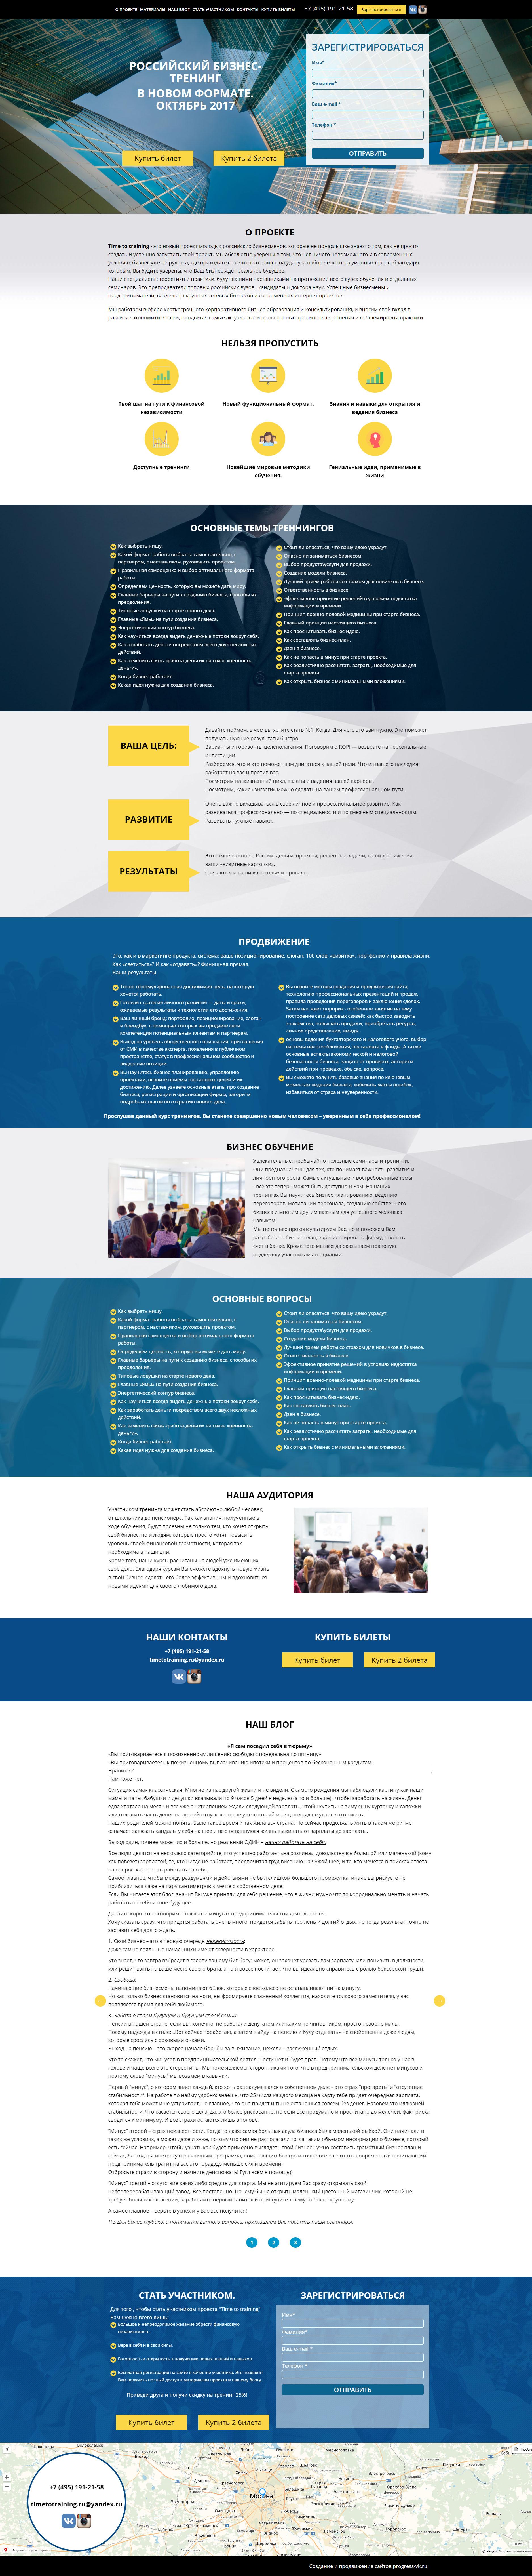 Создание сайта бизнес тренингов